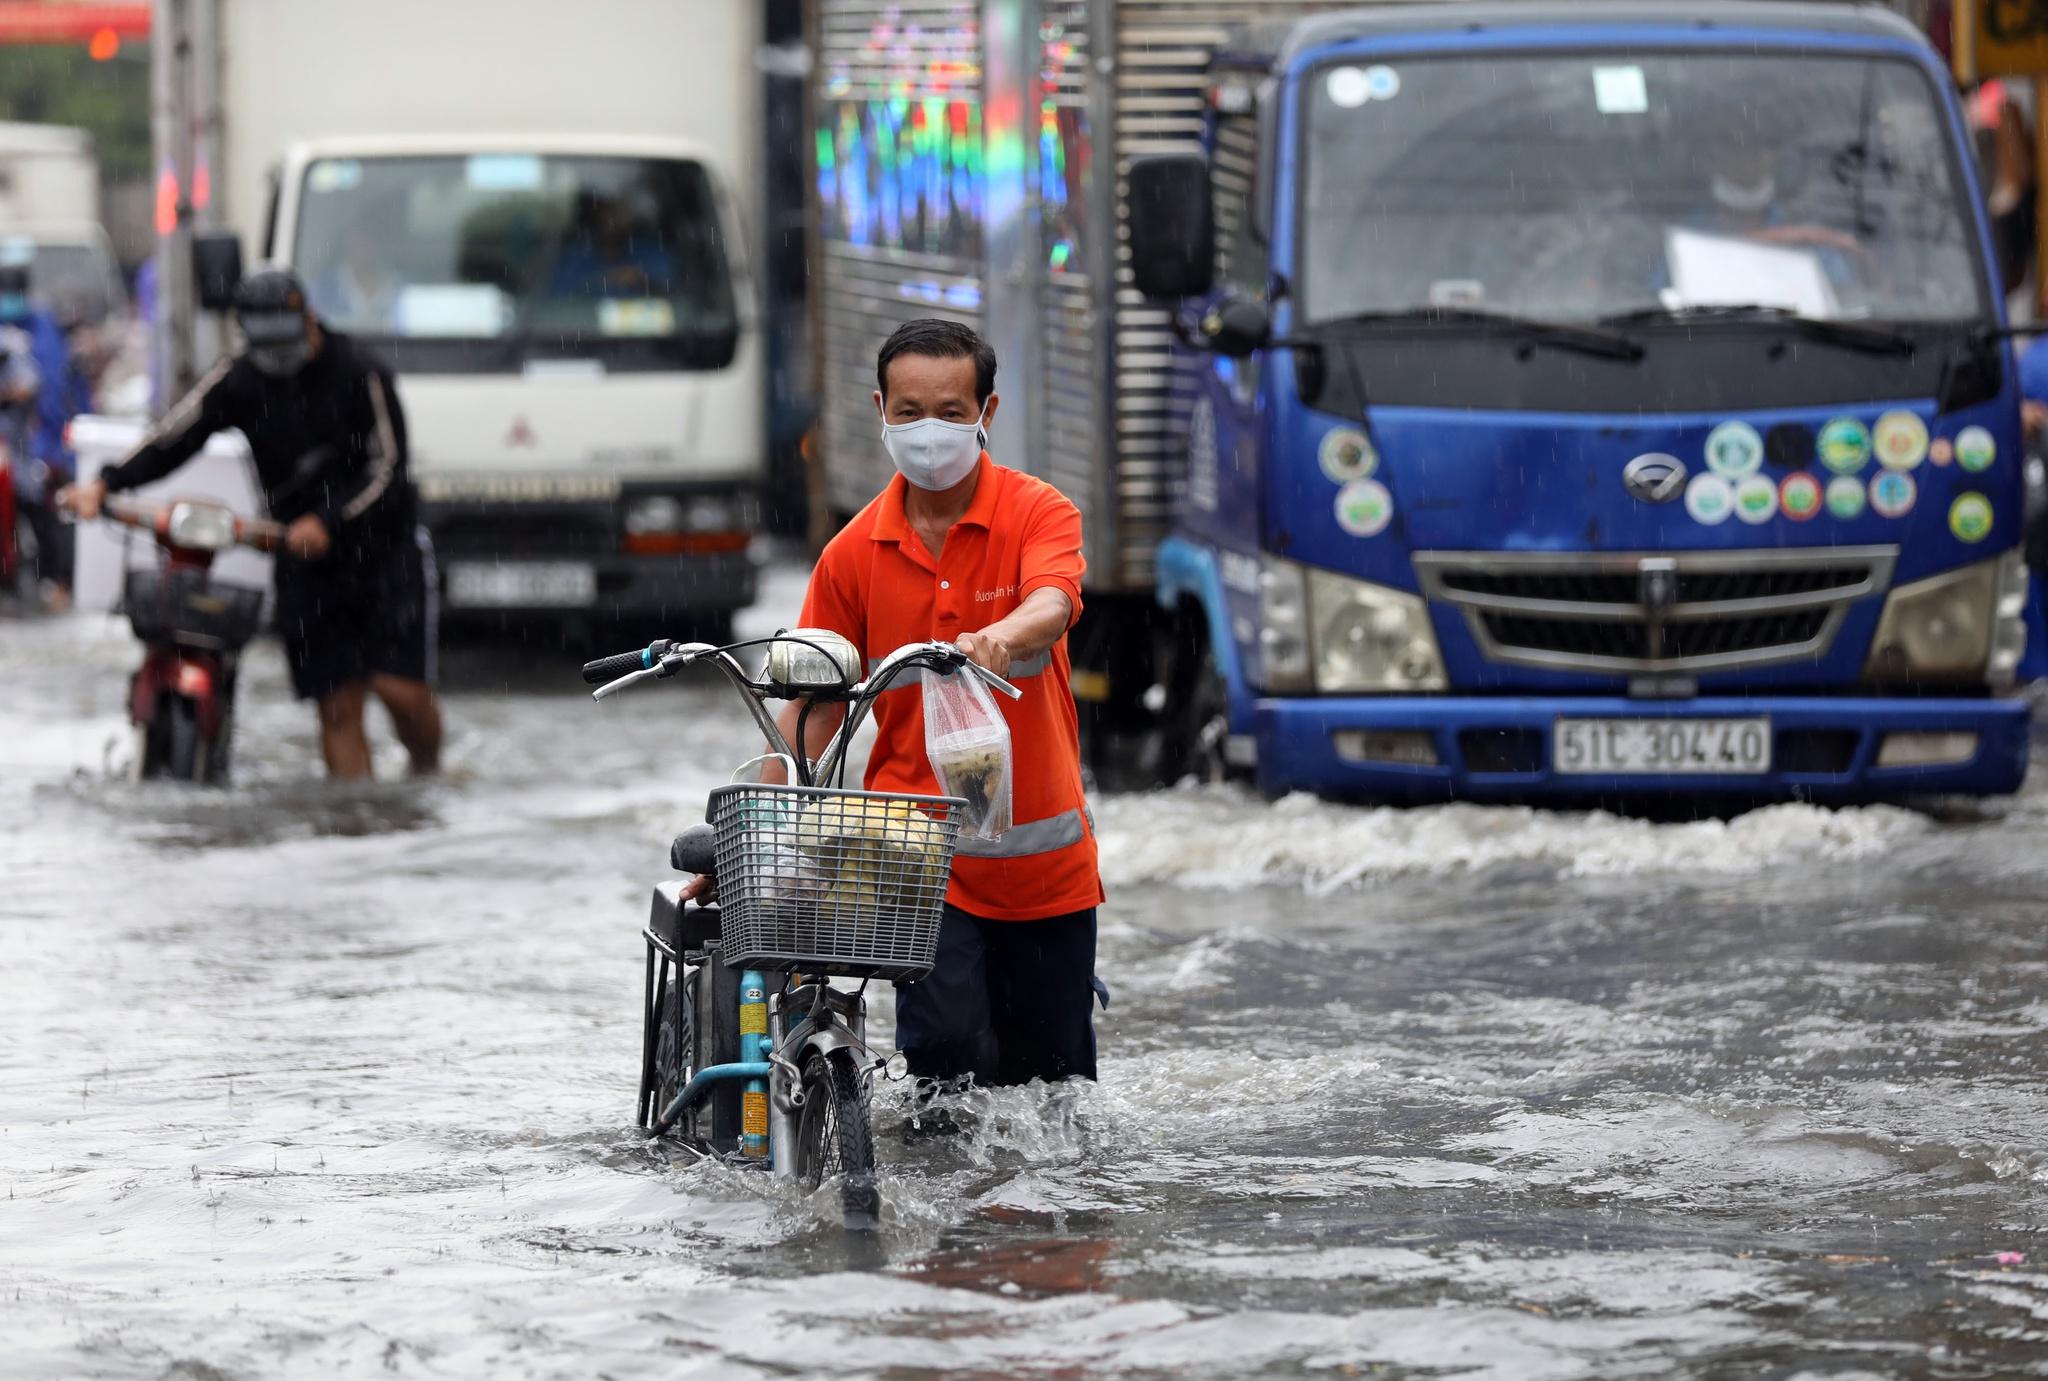 Sau bão số 2, nhiều tỉnh Bắc Bộ và Bắc Trung Bộ có mưa to đến rất to